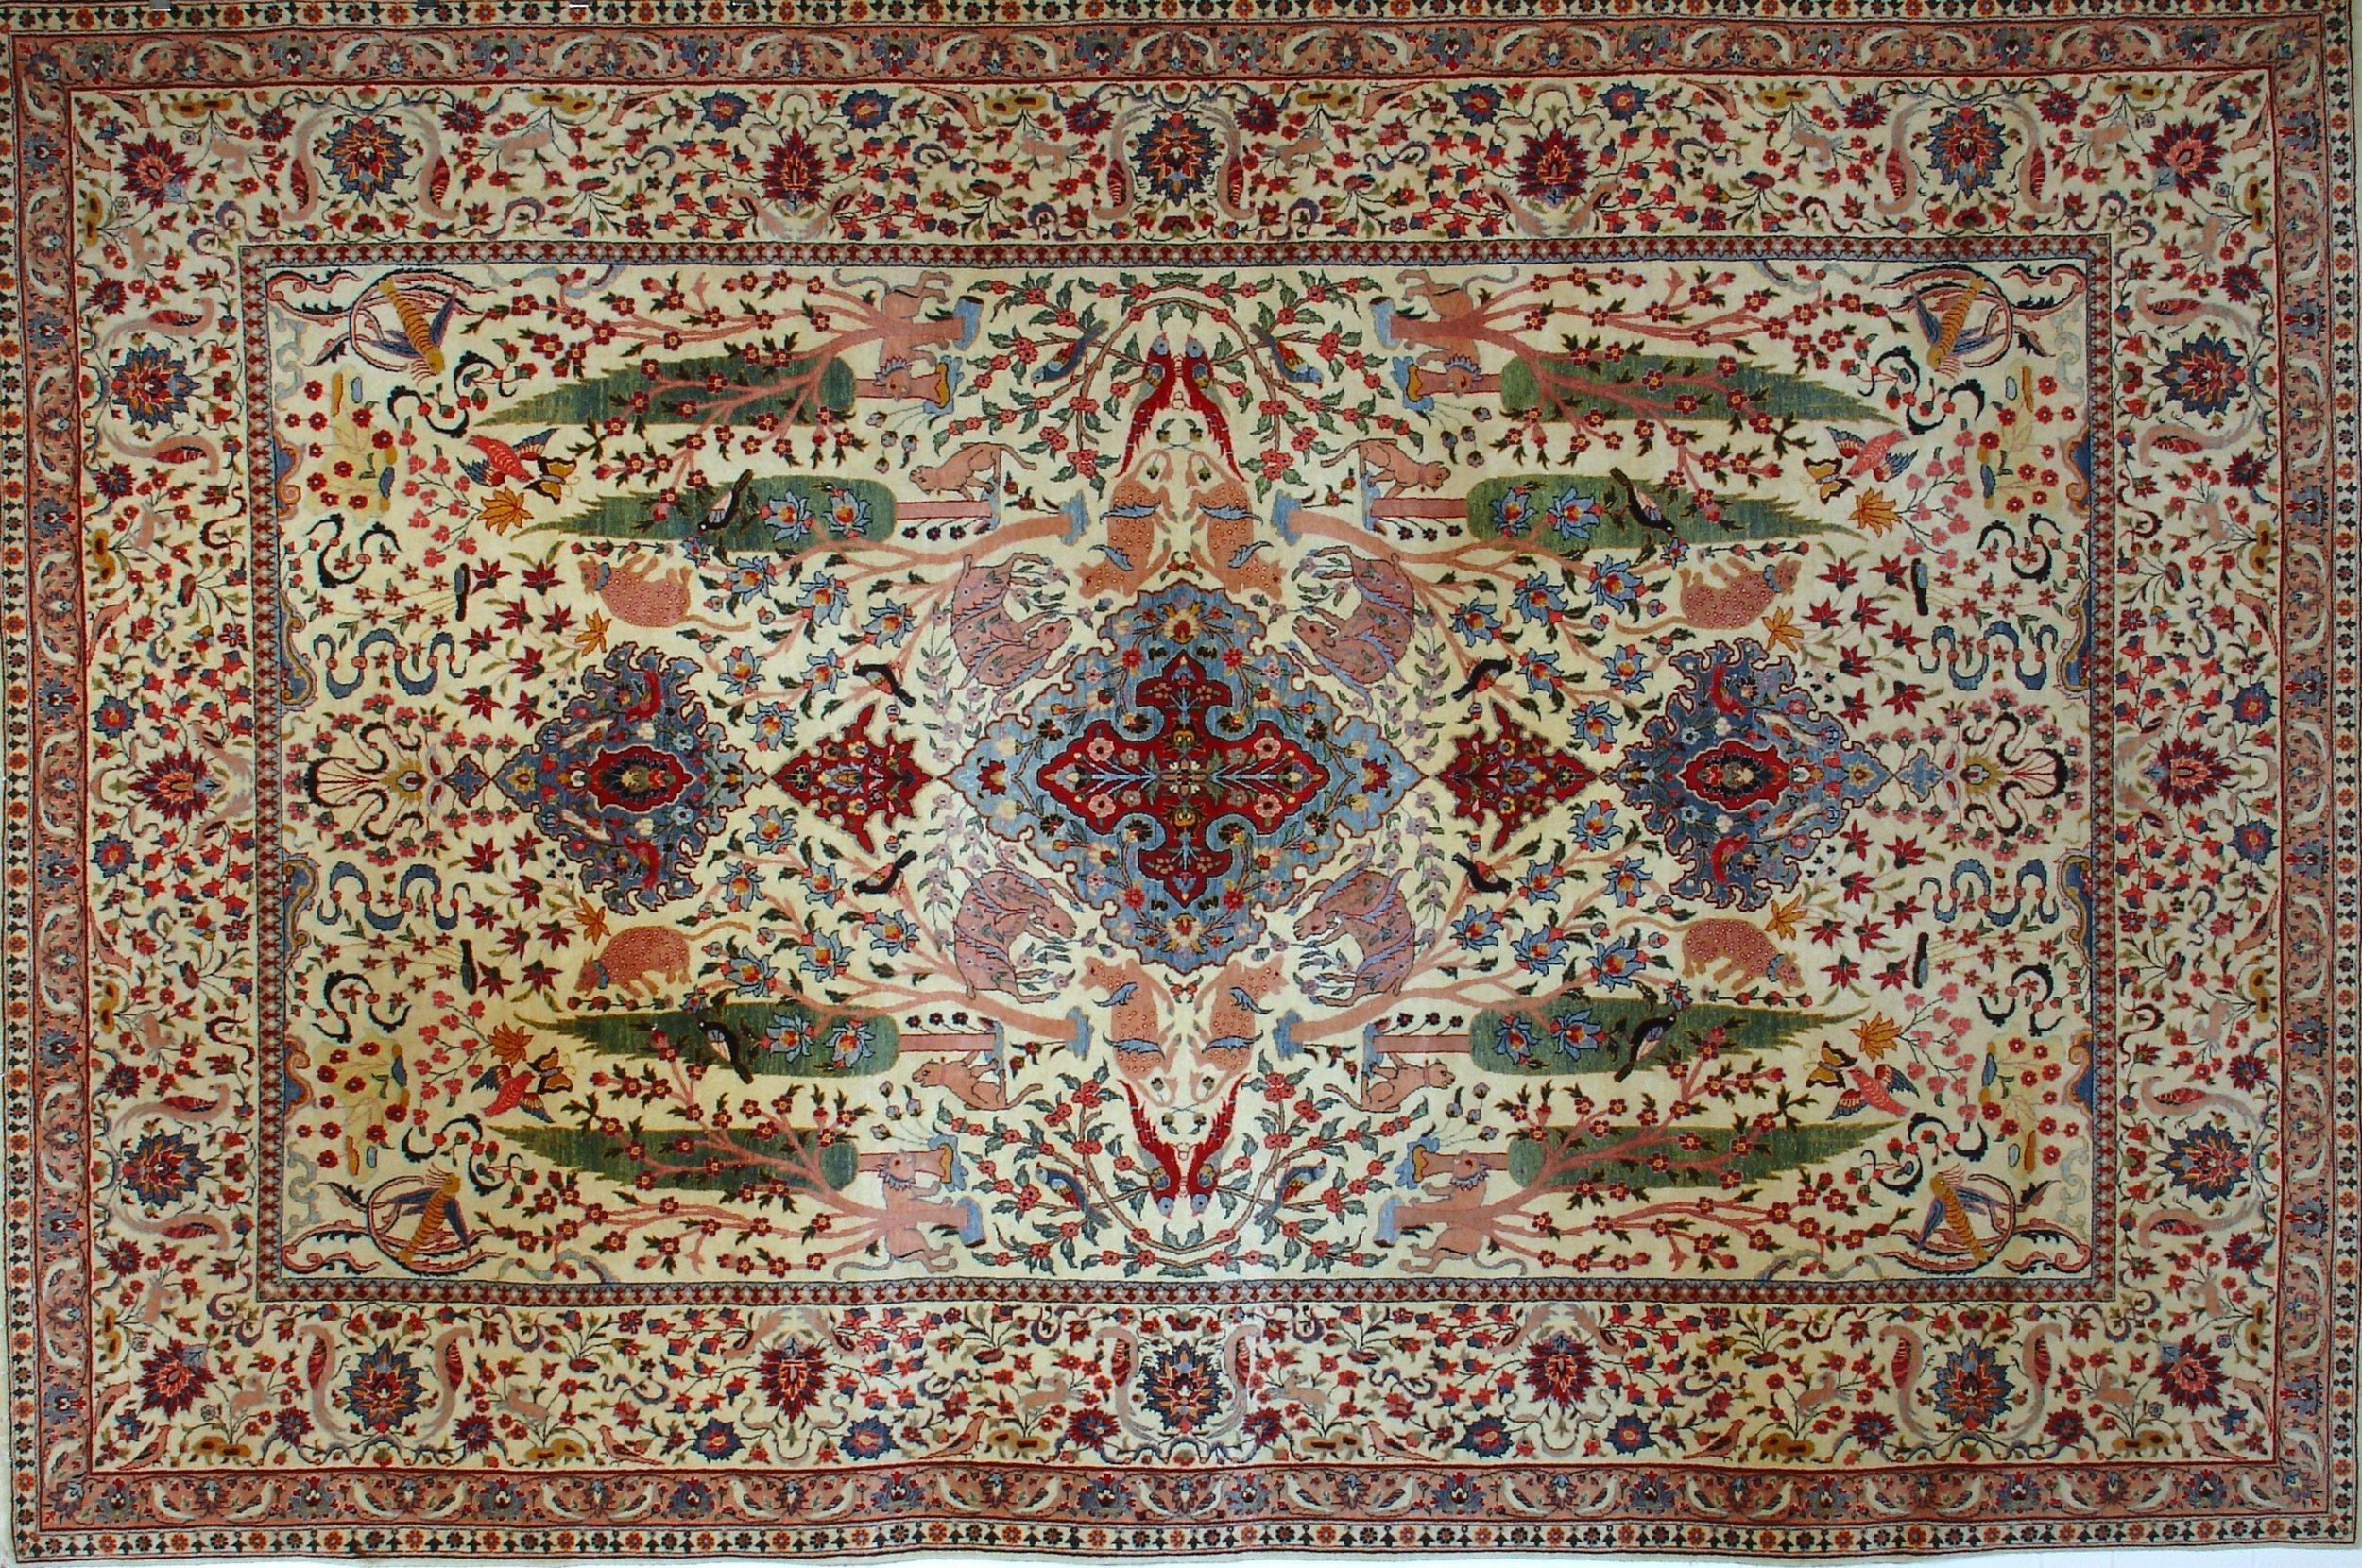 Isfahan, Esfahan, Persian Rug, Area Rug, Bakhtiyar, Dorset, Hampshire, Wiltshire